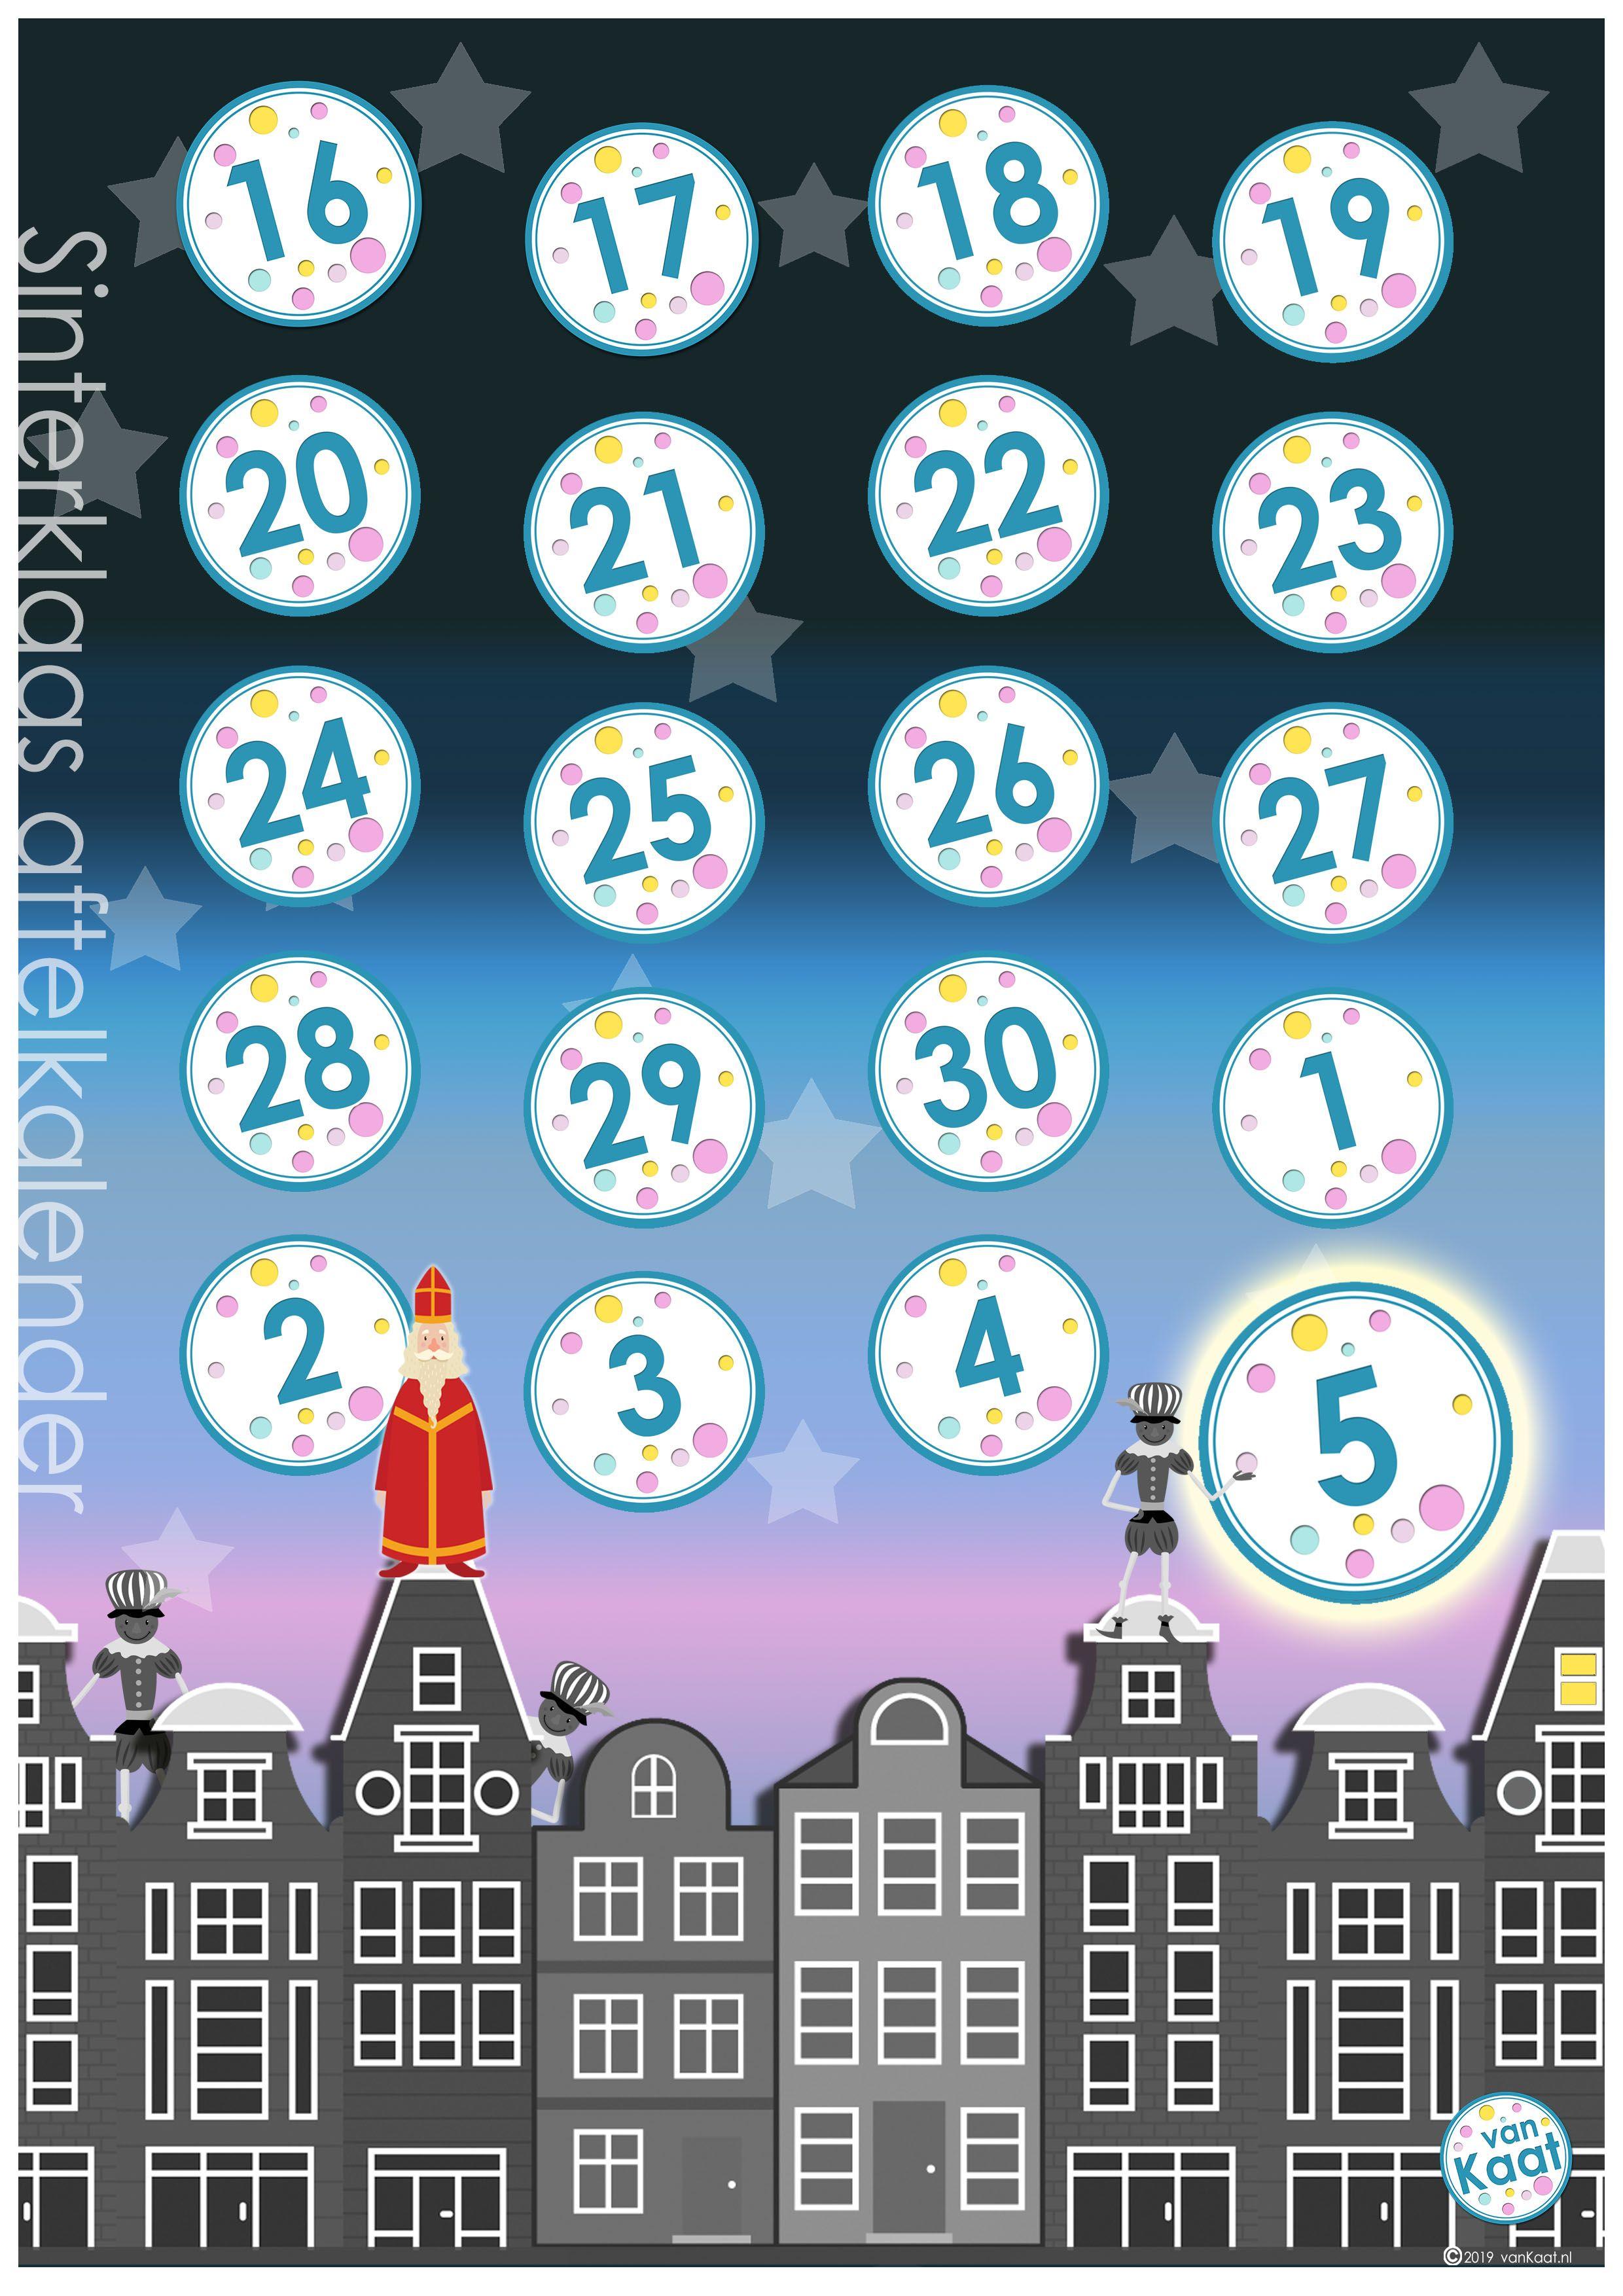 Aftelkalender Sinterklaas 2019 Sinterklaas Kinderfeestje Kerstmis Knutselen Peuters